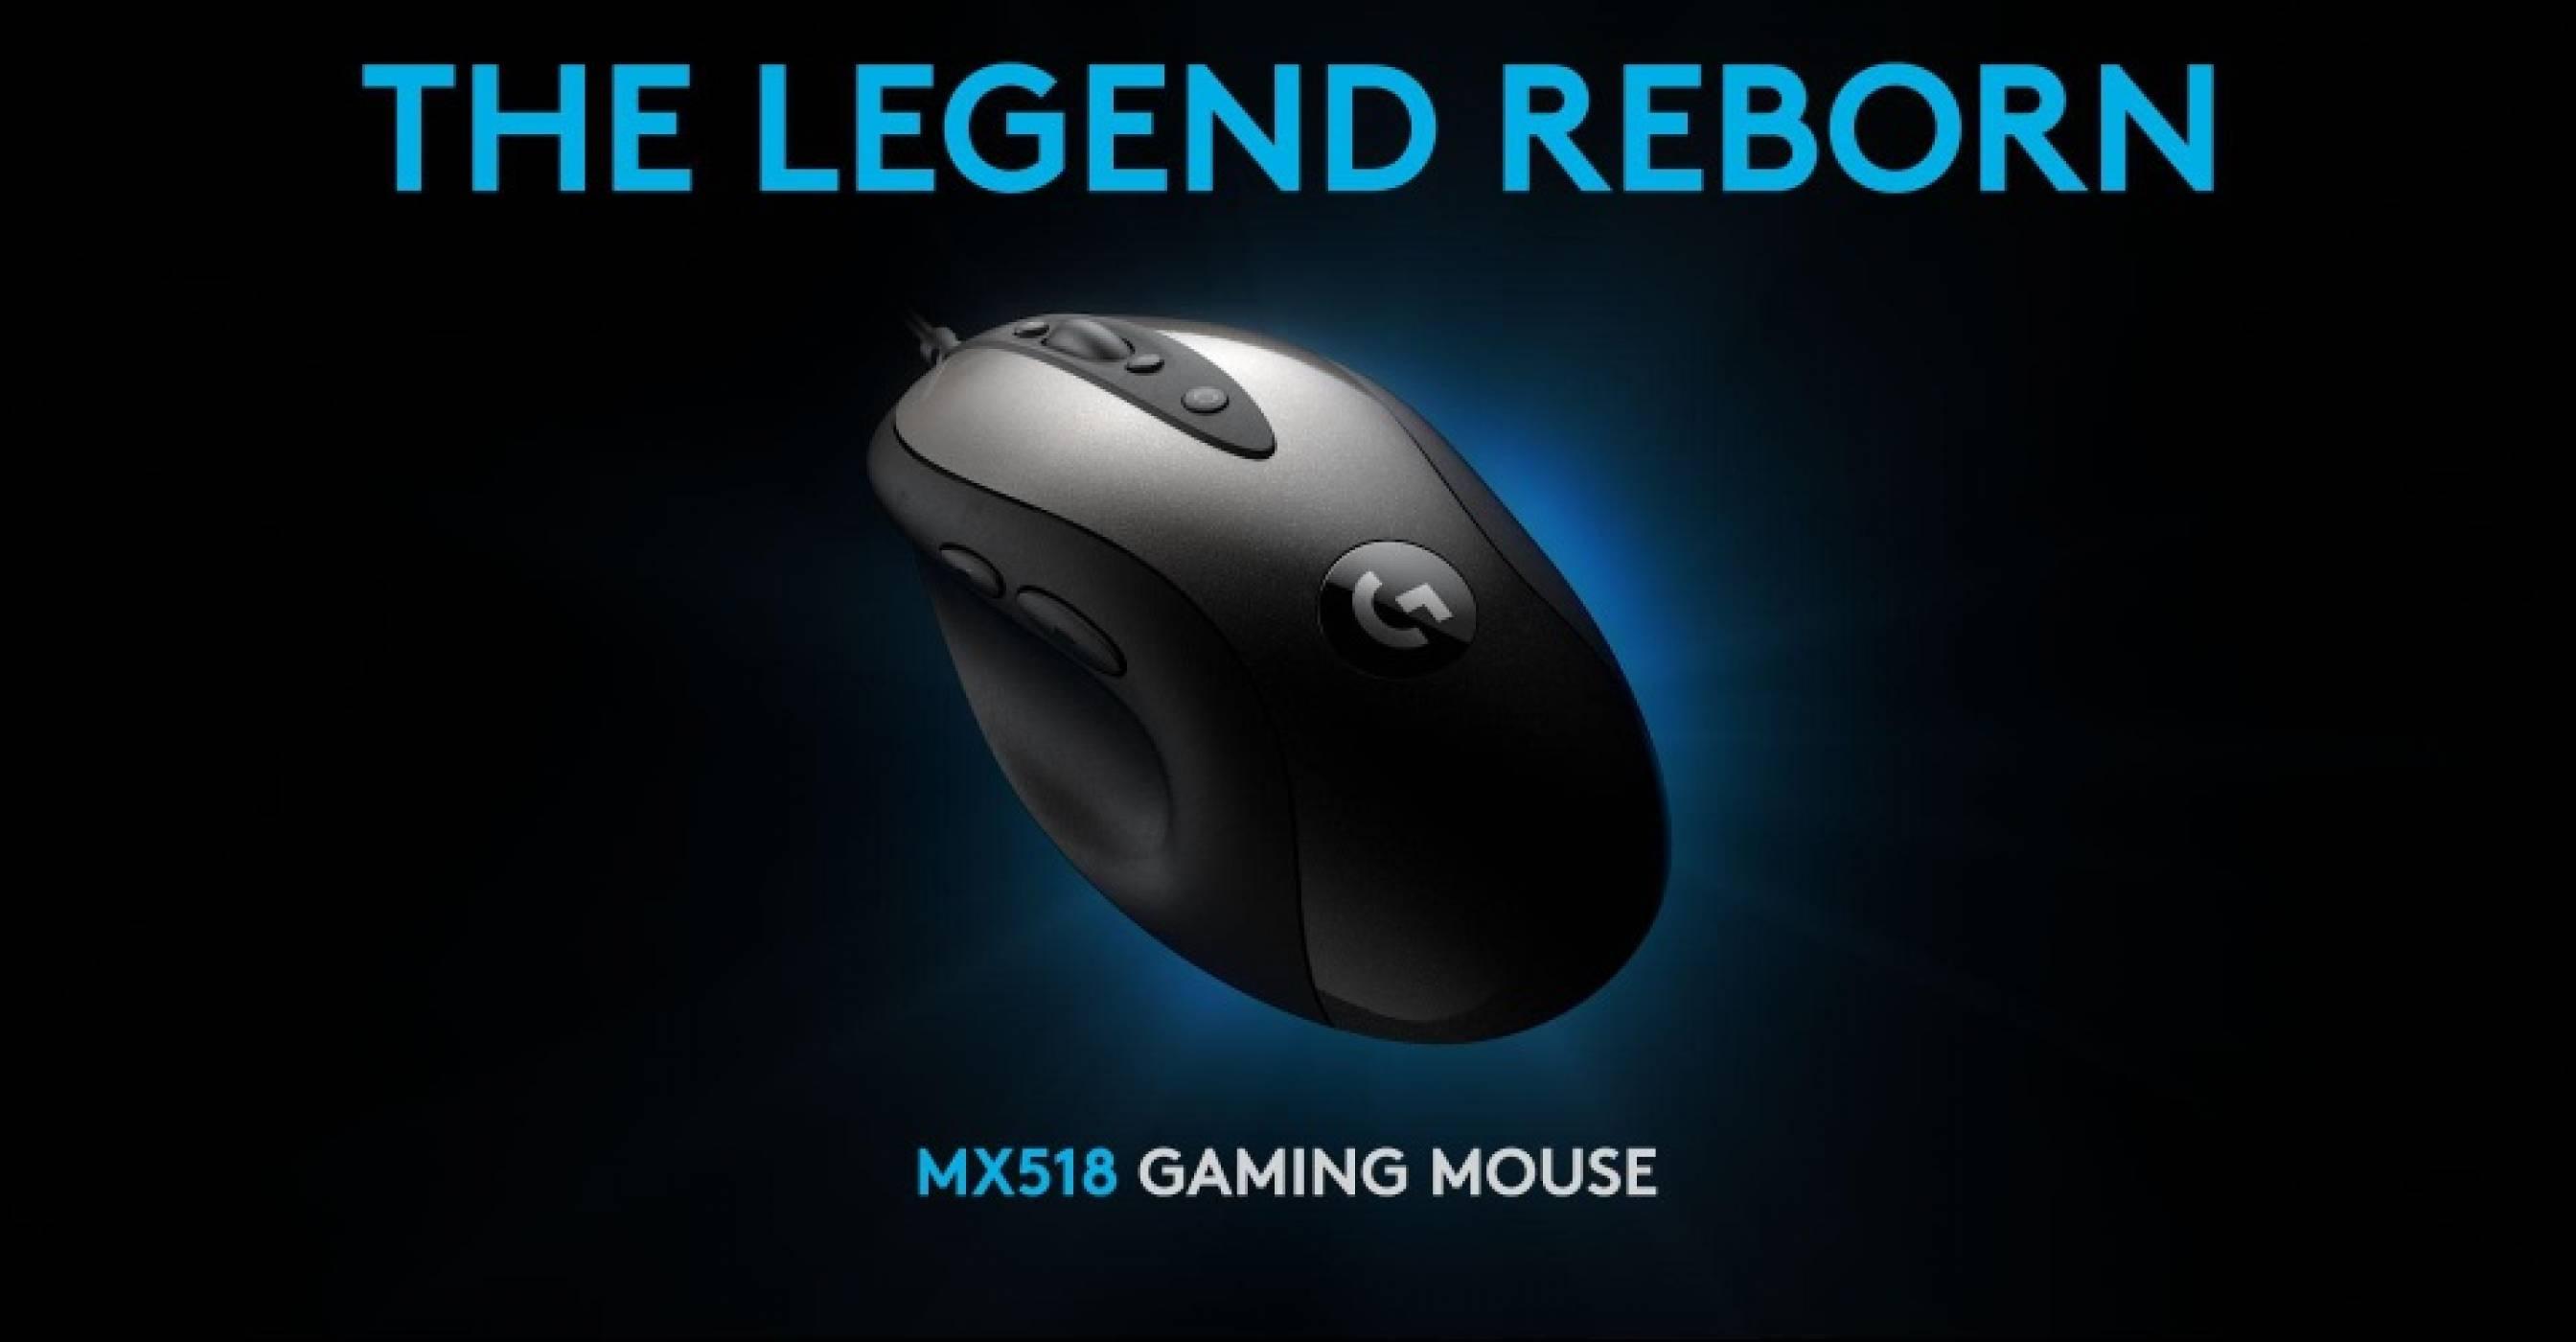 Завръщането на една легенда - Logitech пускат нова версия на геймърската мишка MX518